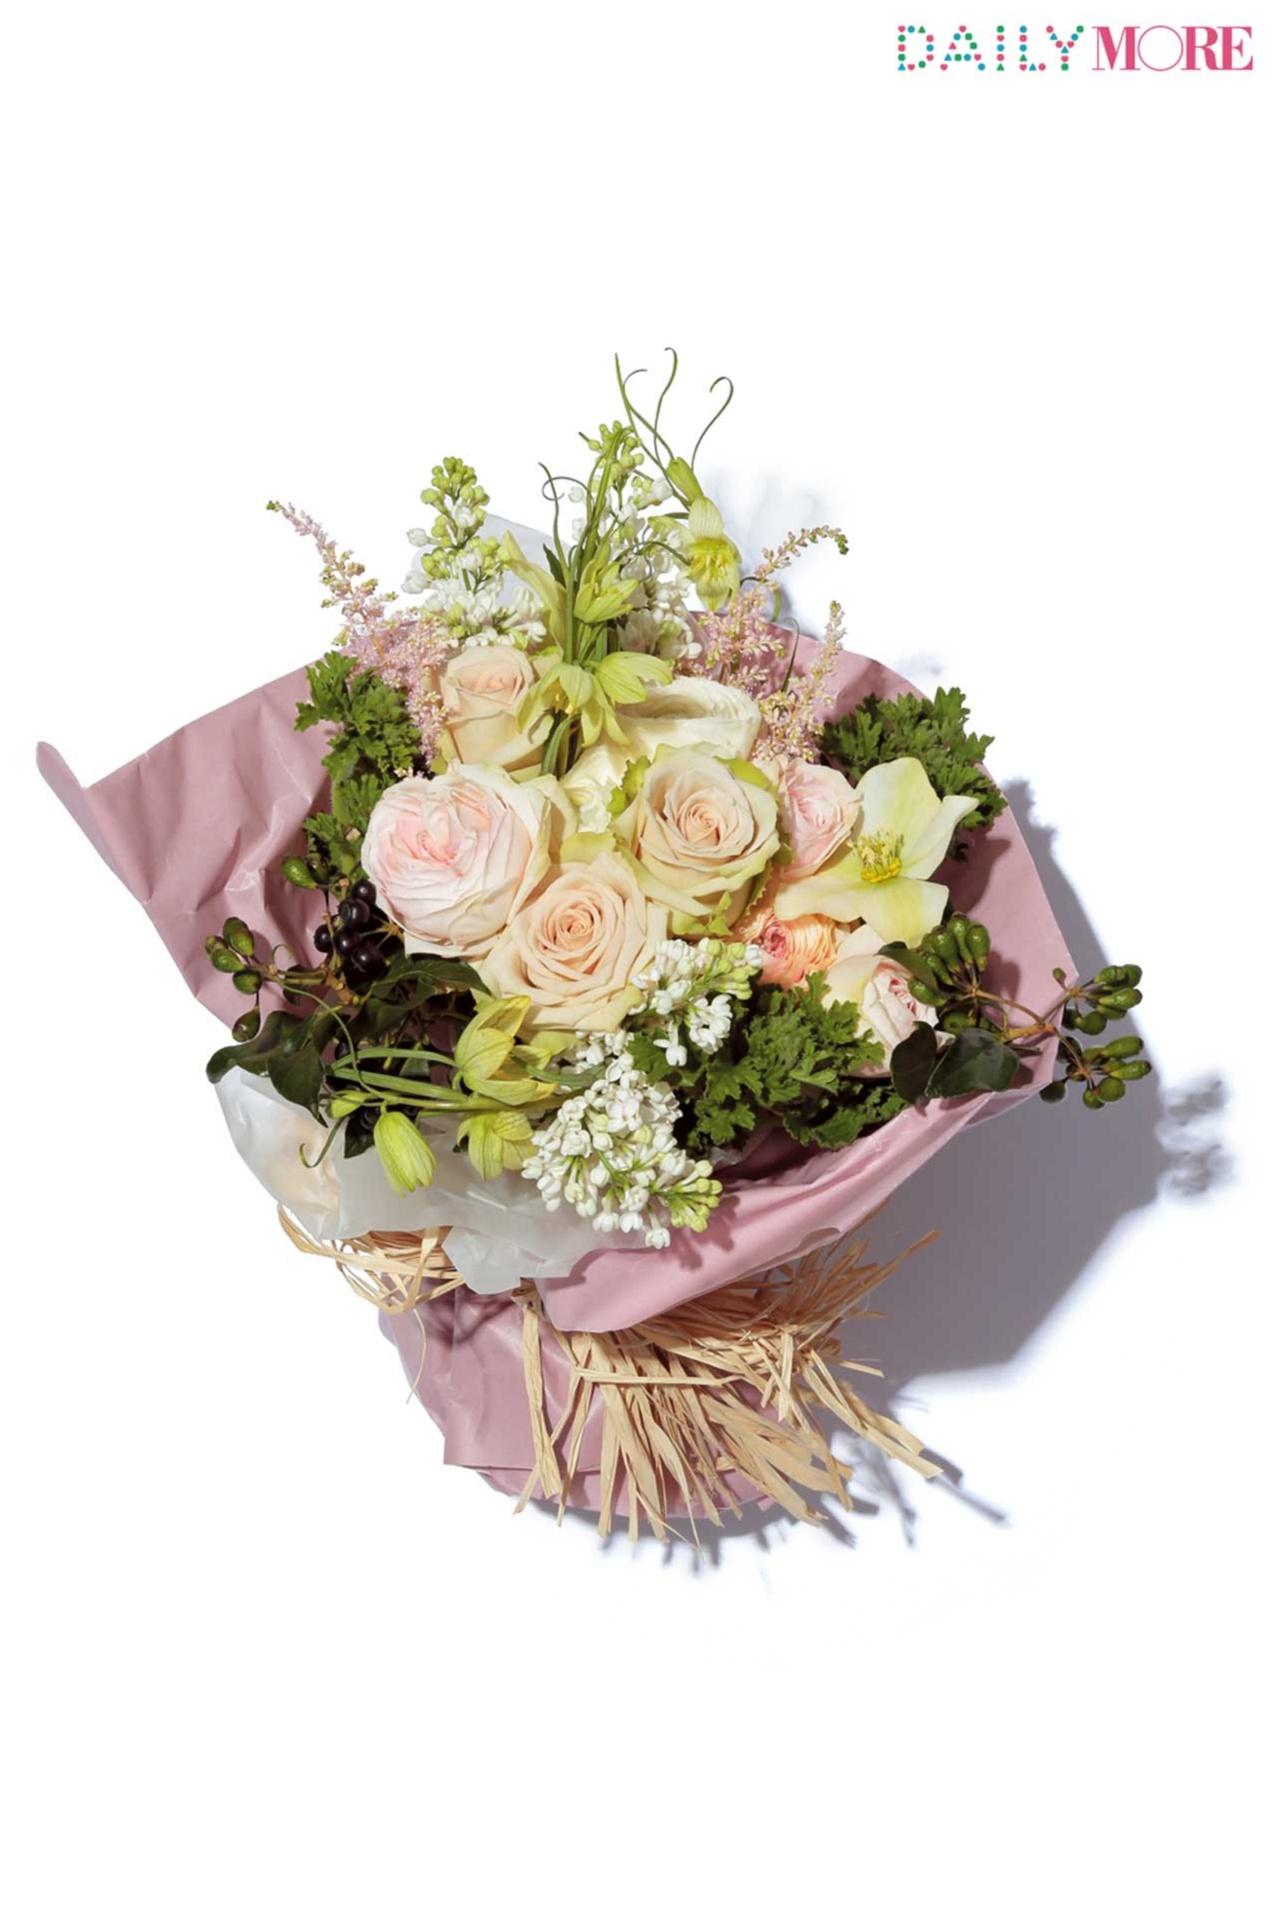 お花に感謝を込めて♡ 本当に喜ばれる母の日「おしゃれフラワーショップ」8選ー後編ー_4